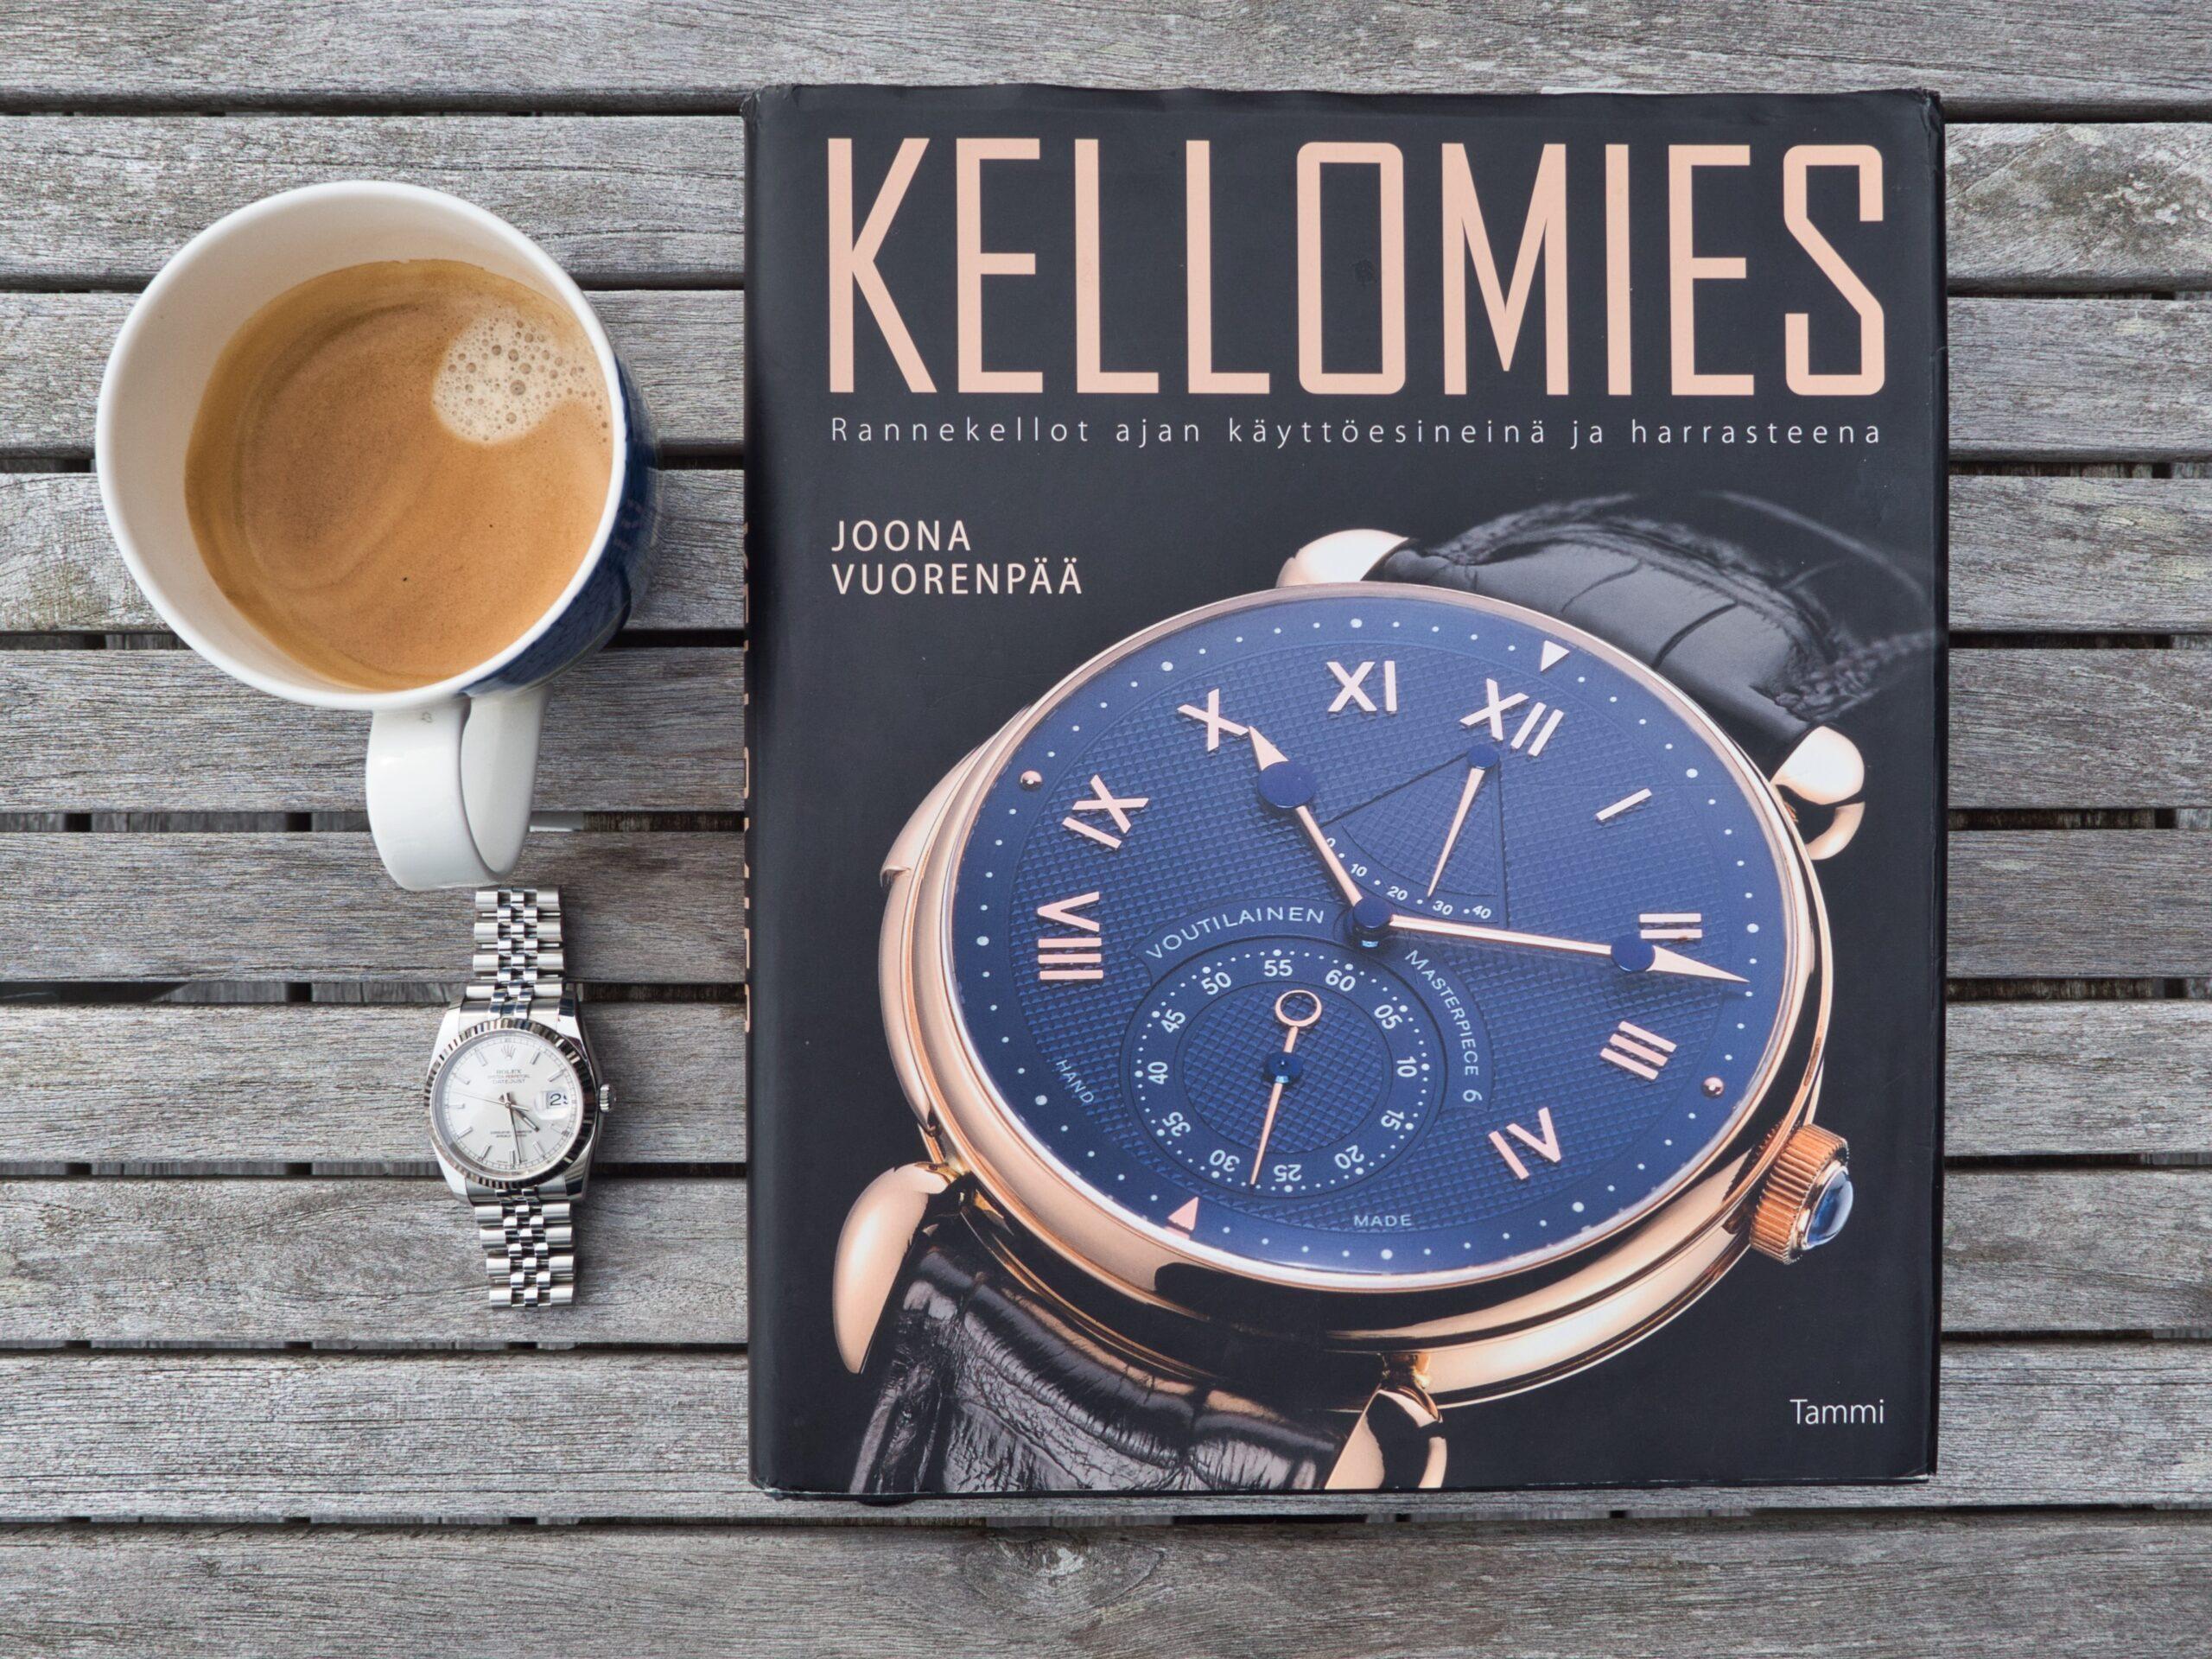 Katsaus: KELLOMIES –kirja täyttää ensi vuonna 10 vuotta, millaisessa iskussa suomalaisen kellokulttuurin klassikko on?